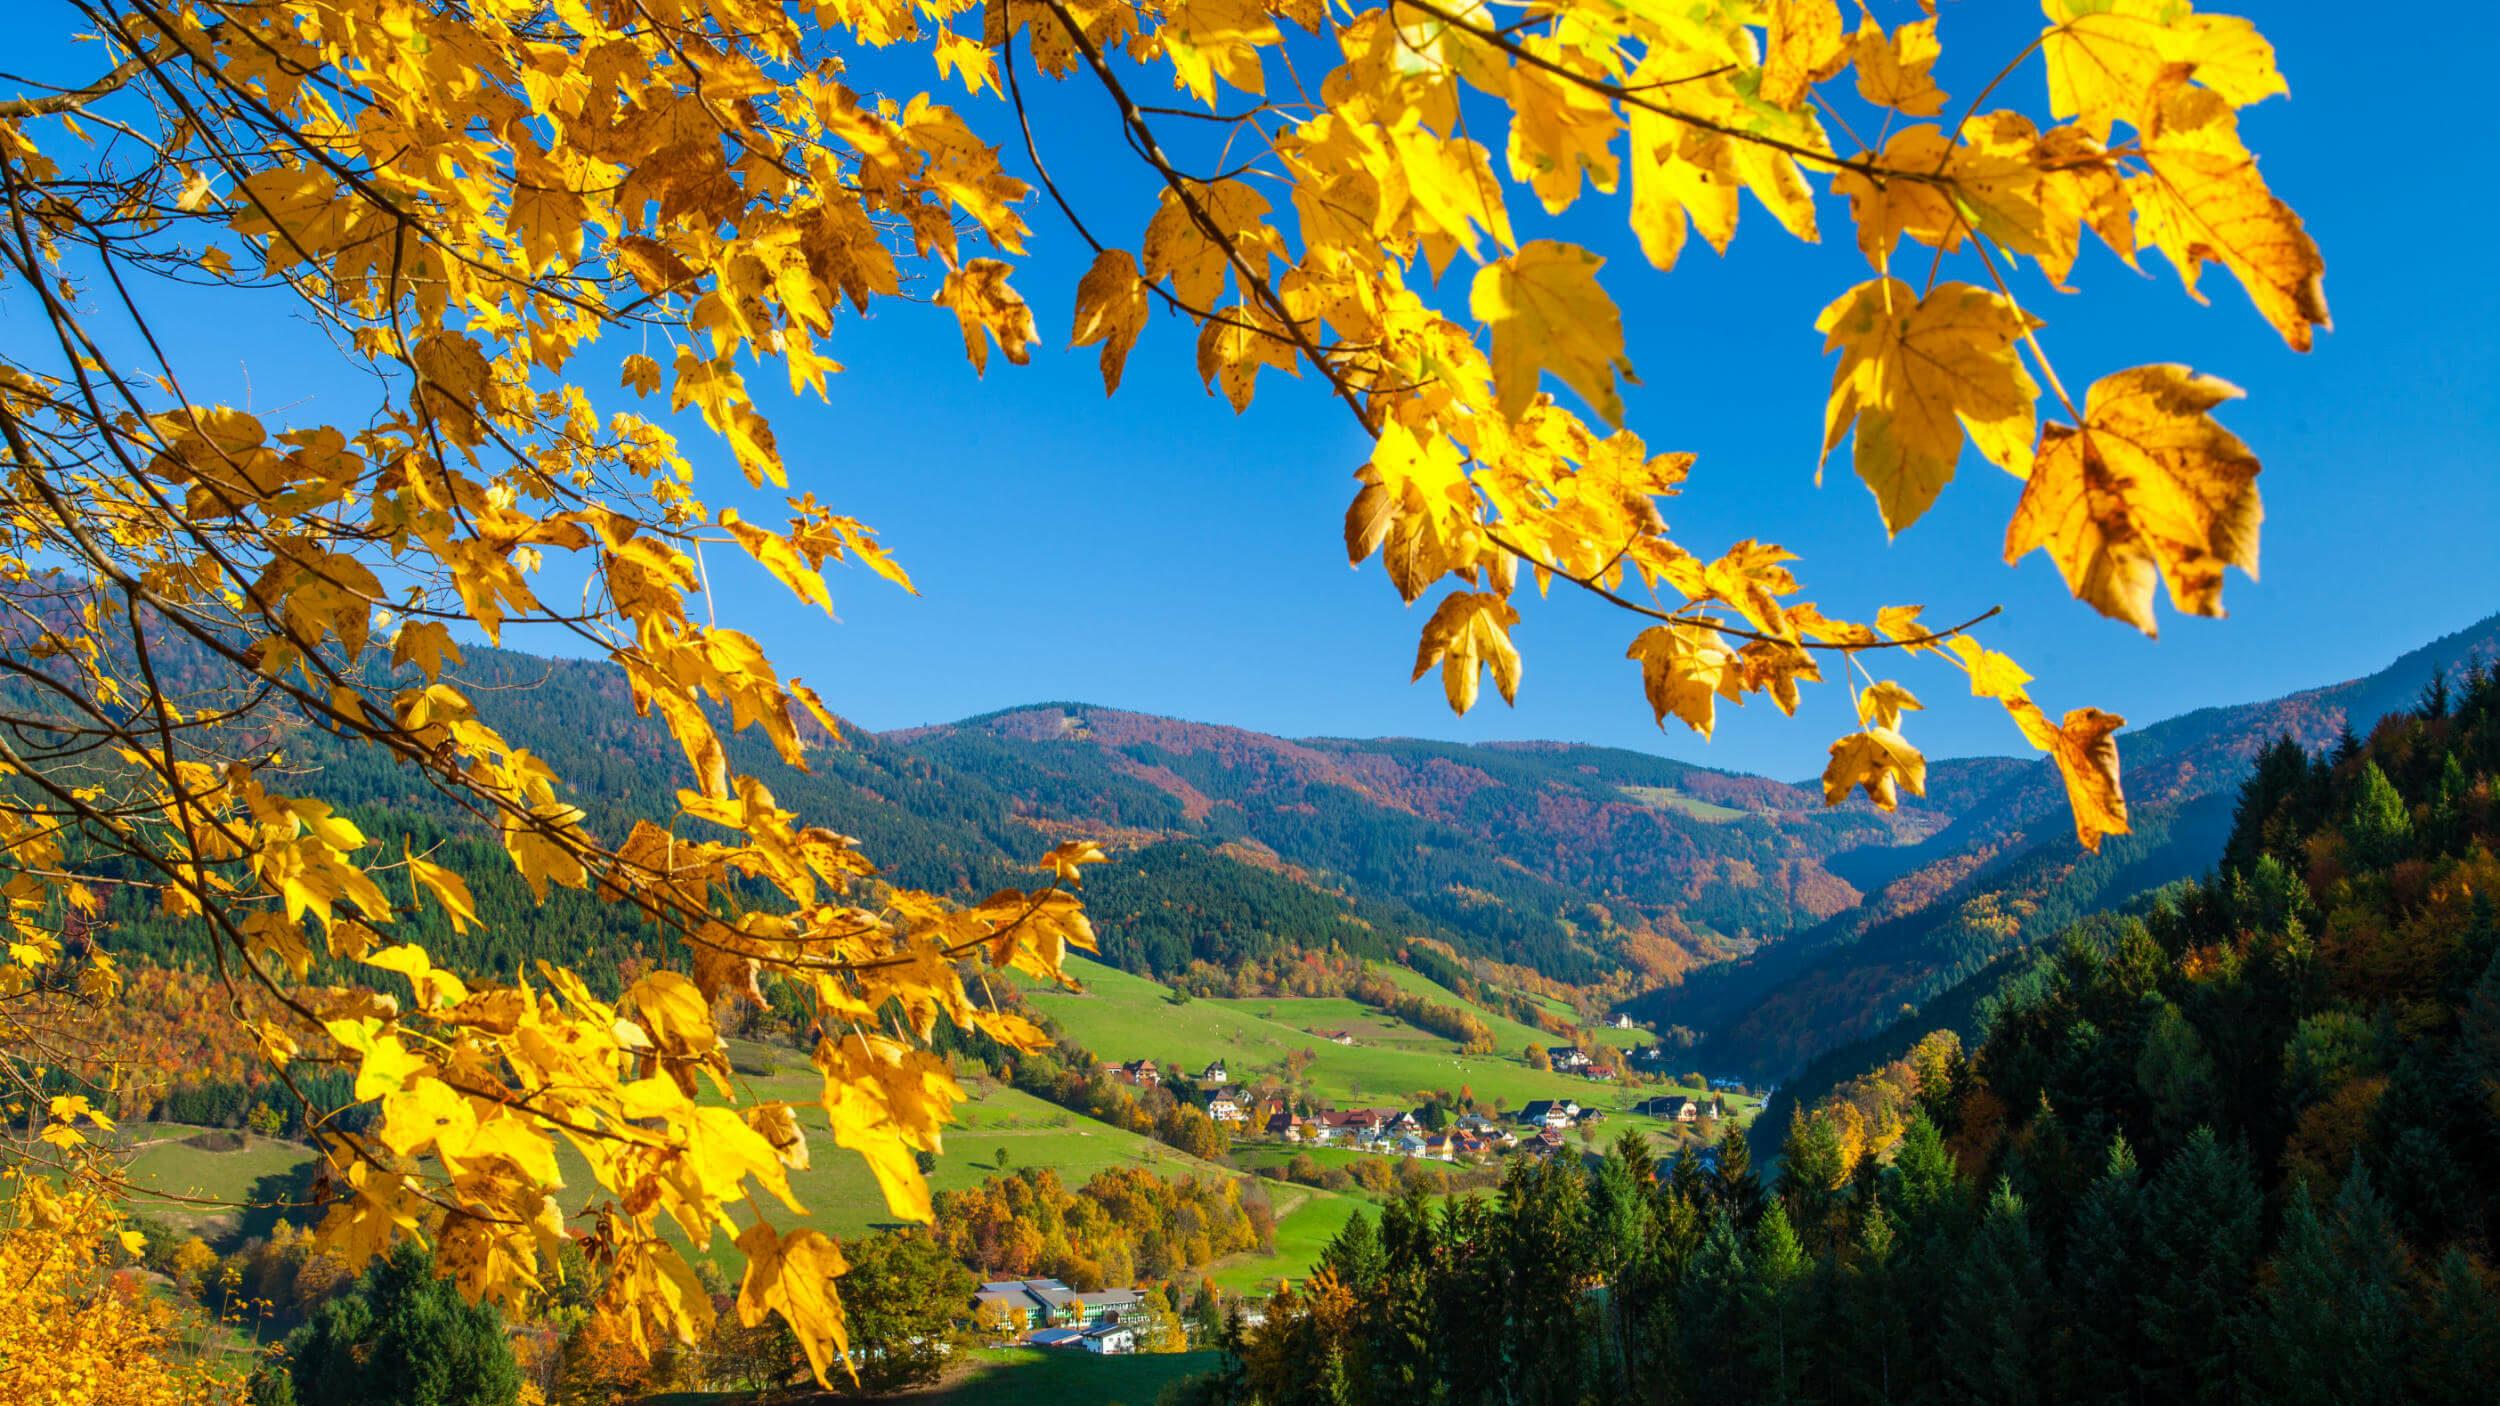 Blick ins Tal durch goldgelbe Herbsblätter